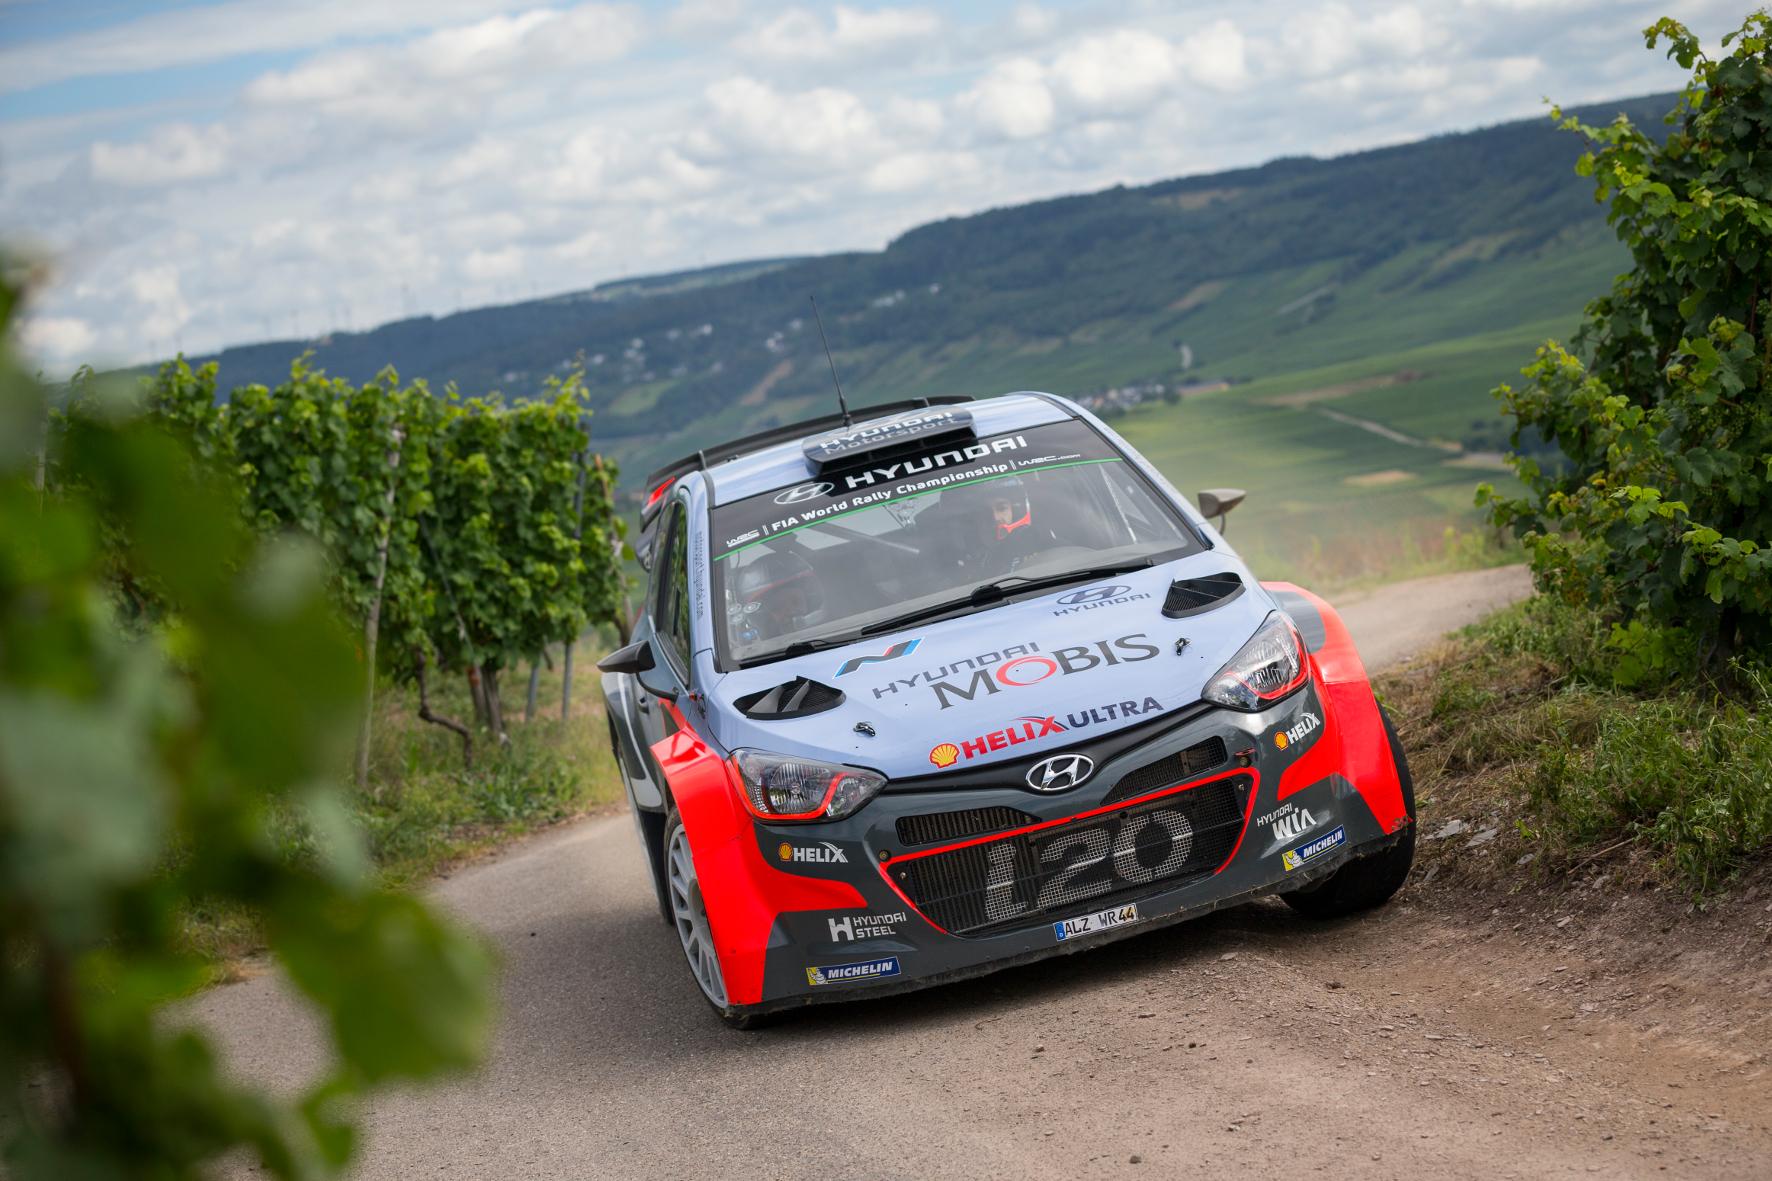 Wie faszinierend Rallye-Sport sein kann, lässt sich am besten von innen erleben – wenn ein Profi wie Dani Sordo die Hände am Lenkrad und der Handbremse hat.